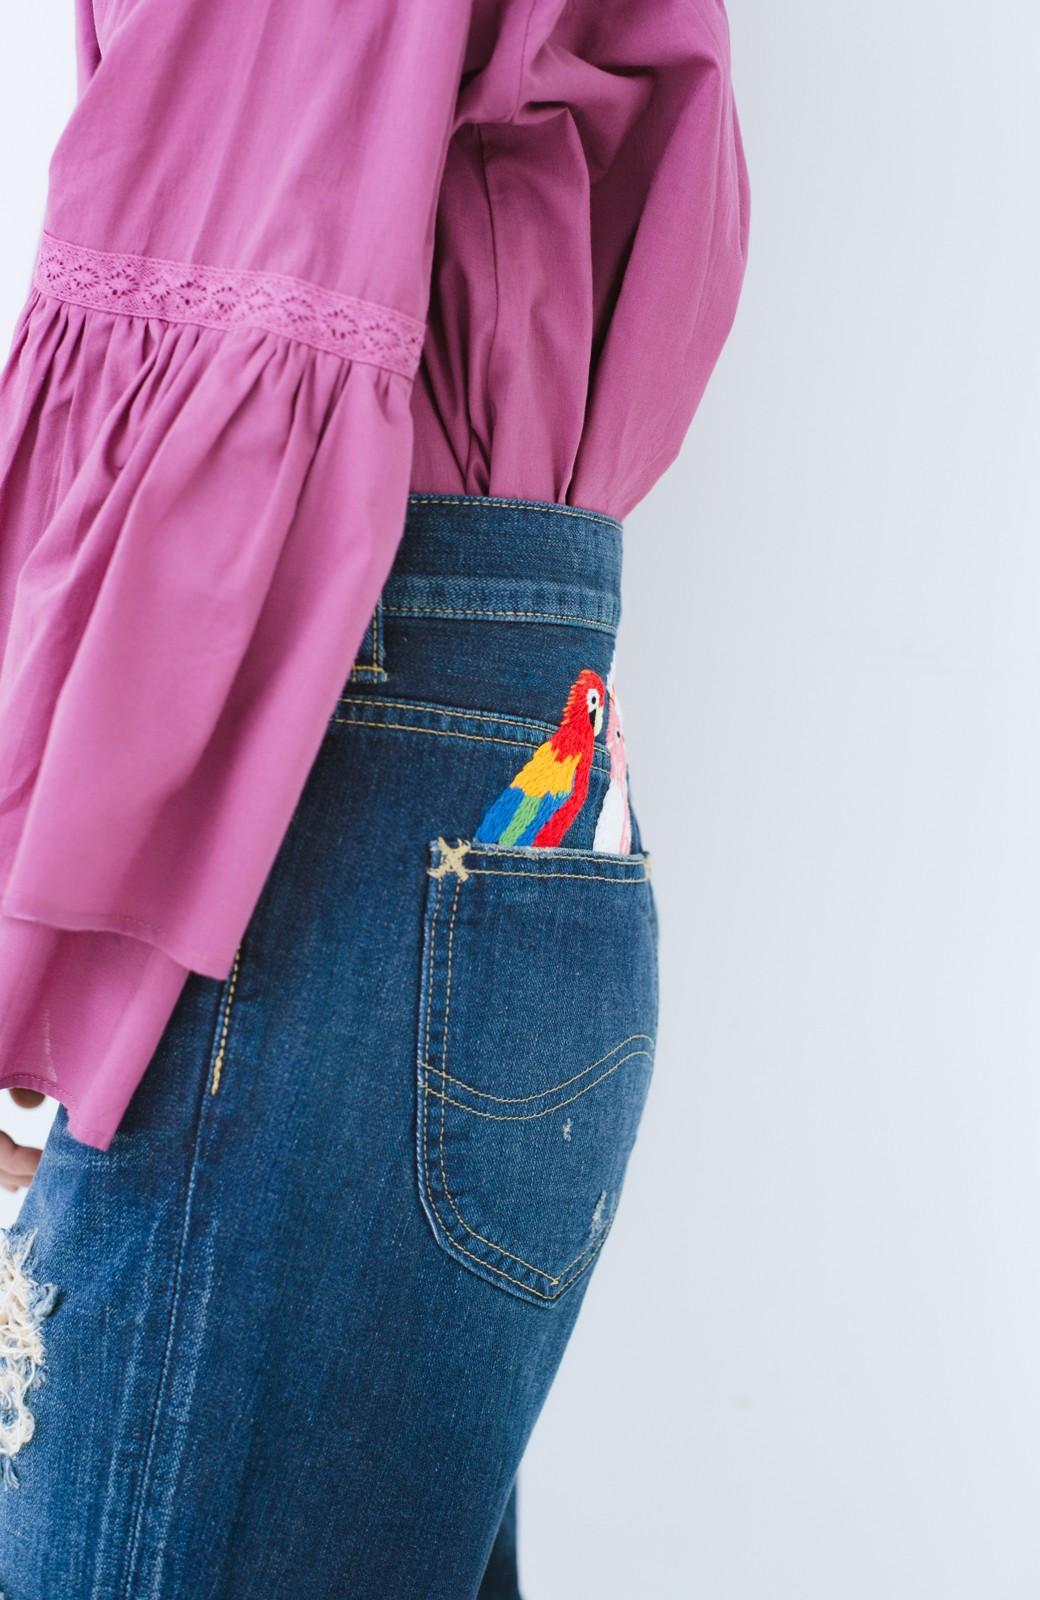 haco! Stitch by Stitch ポケットから大好きな鳥さんがこんにちは!Lee for PBP シルエットがきれいなデニムパンツ <インディゴブルー>の商品写真7